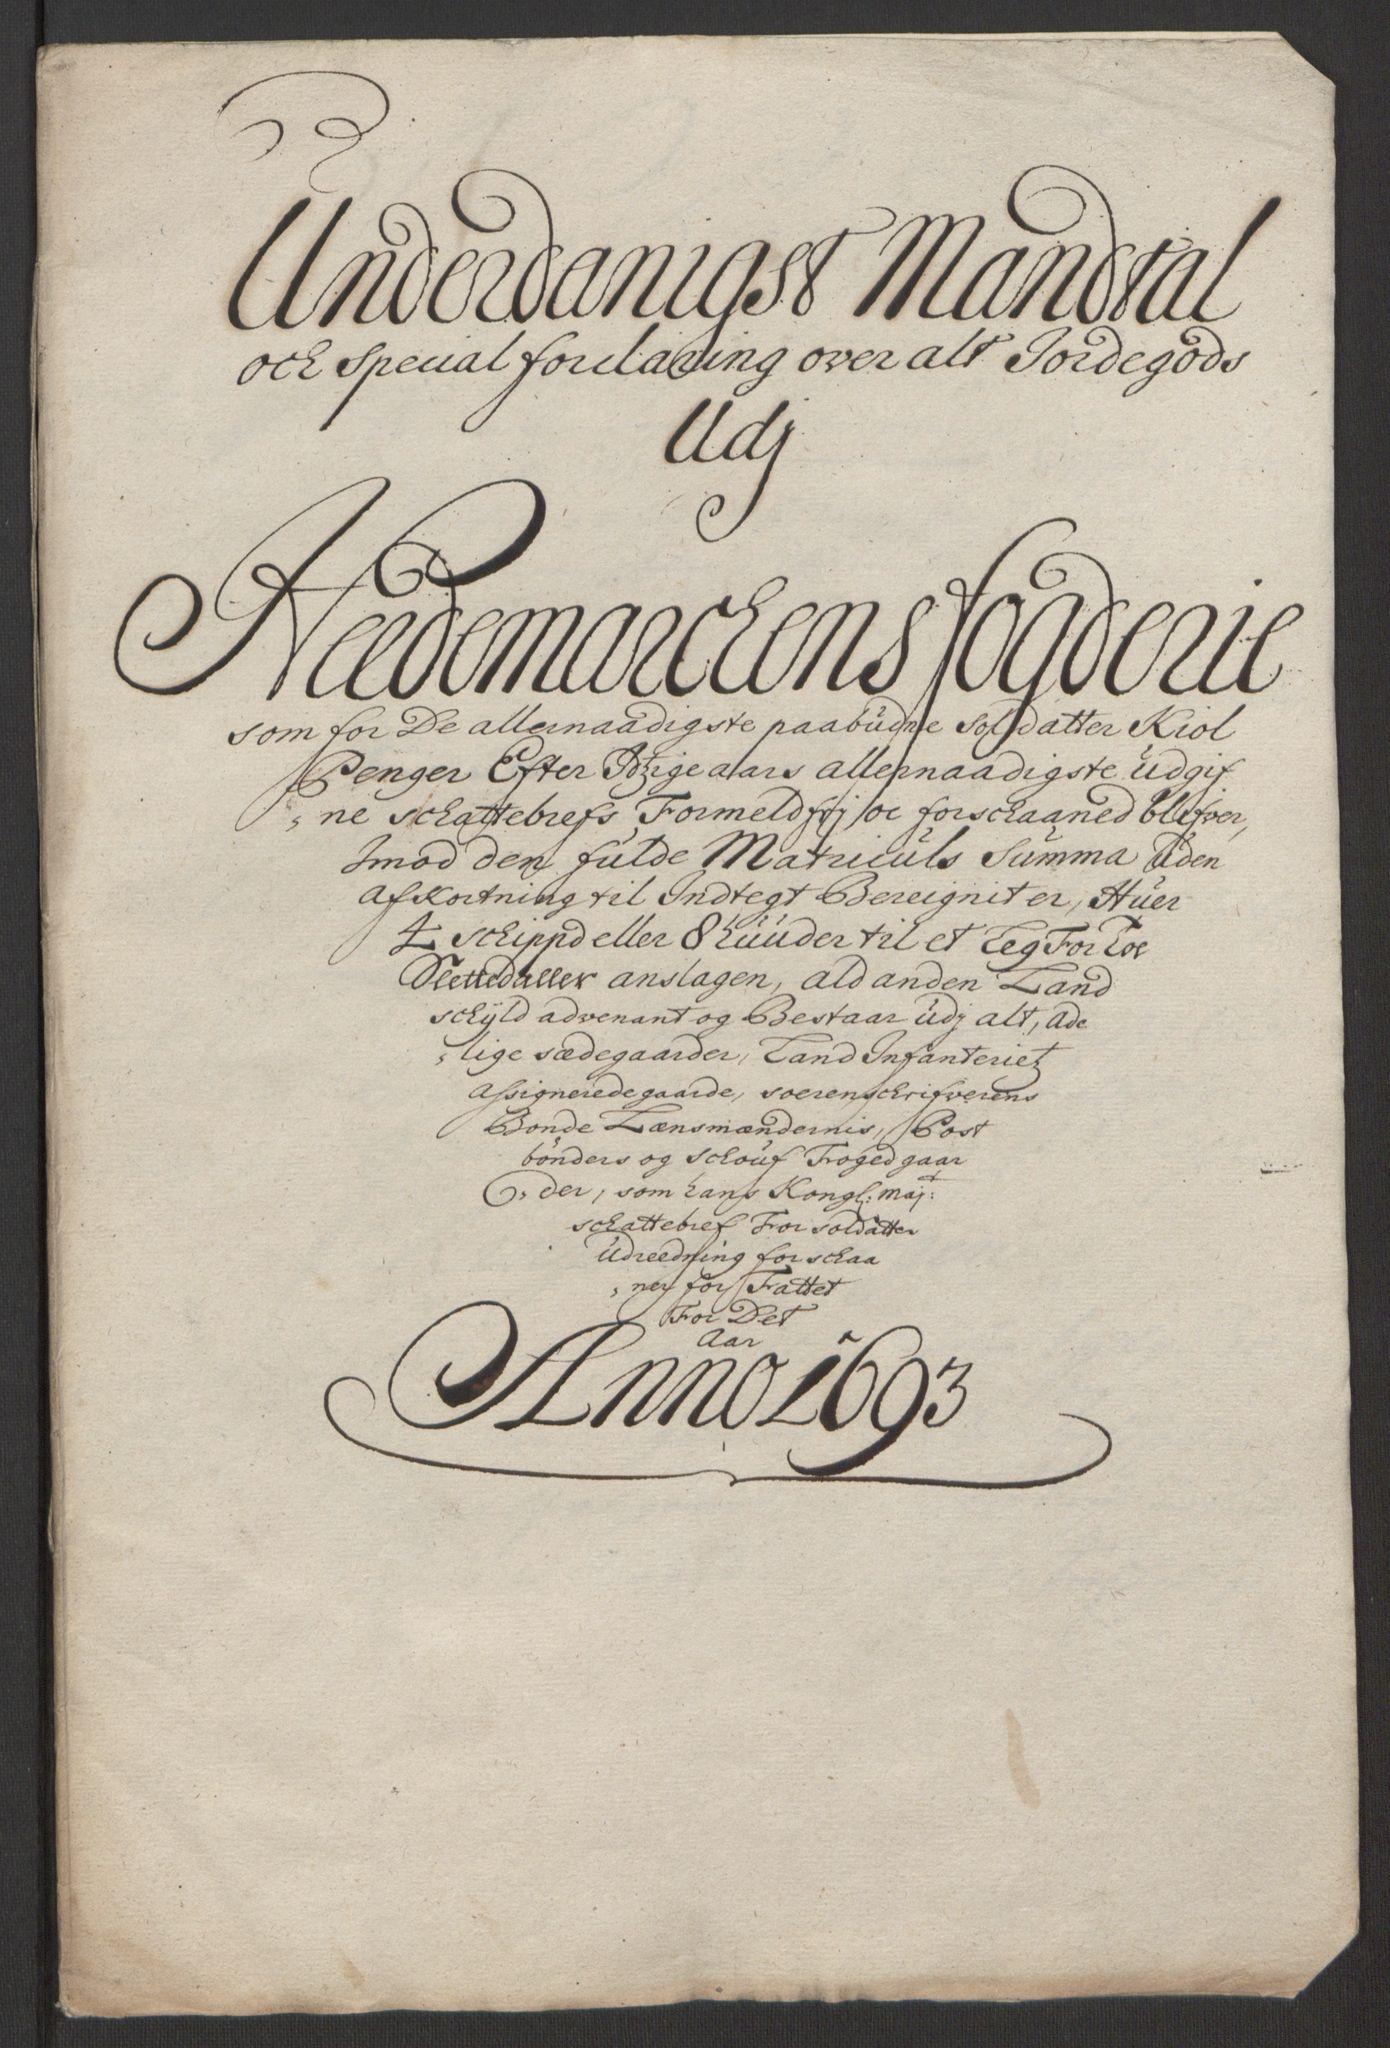 RA, Rentekammeret inntil 1814, Reviderte regnskaper, Fogderegnskap, R16/L1034: Fogderegnskap Hedmark, 1693, s. 213